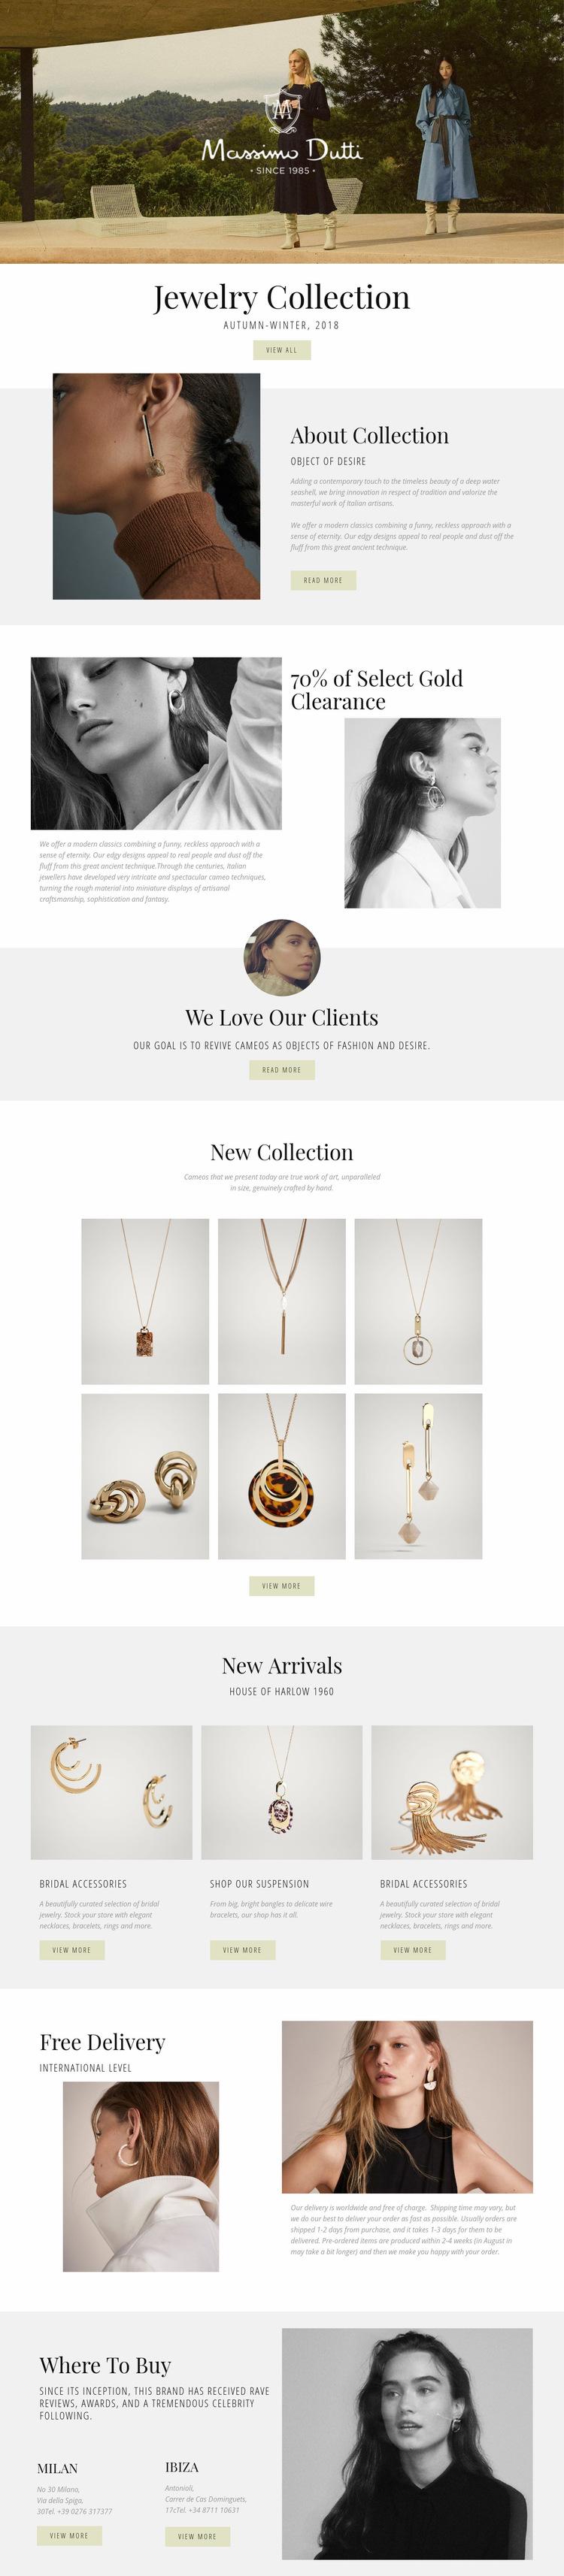 Massimo Dutti Web Page Design